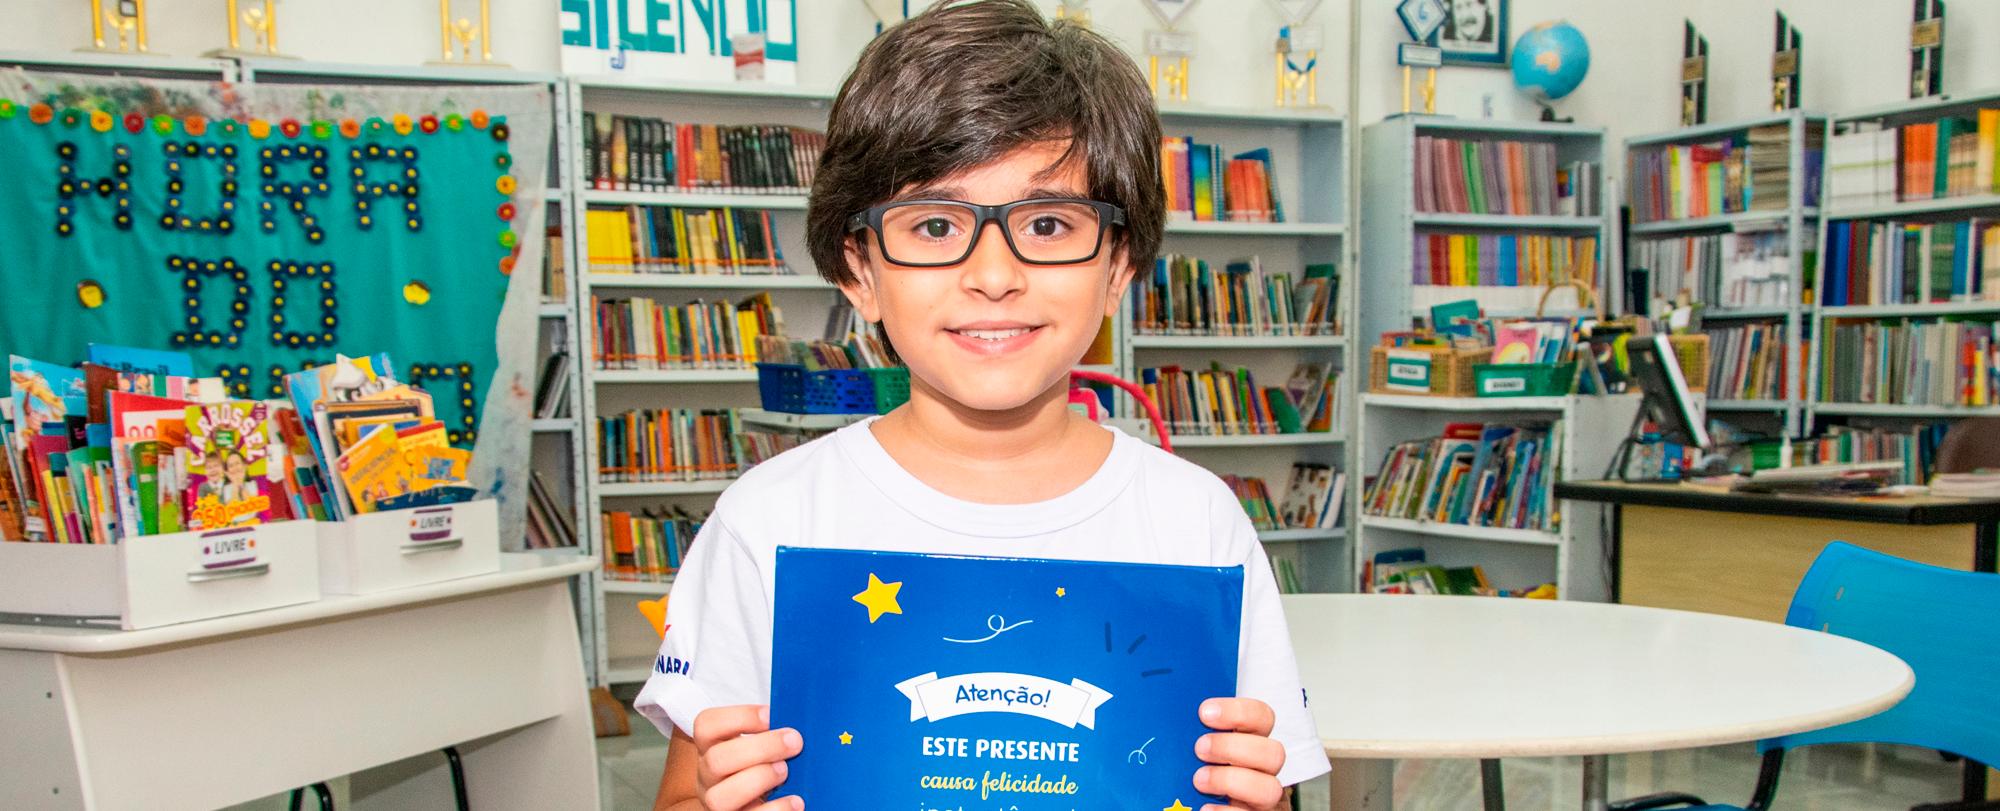 Aluno do 4º ano doa livro autoral à Biblioteca do Portinari